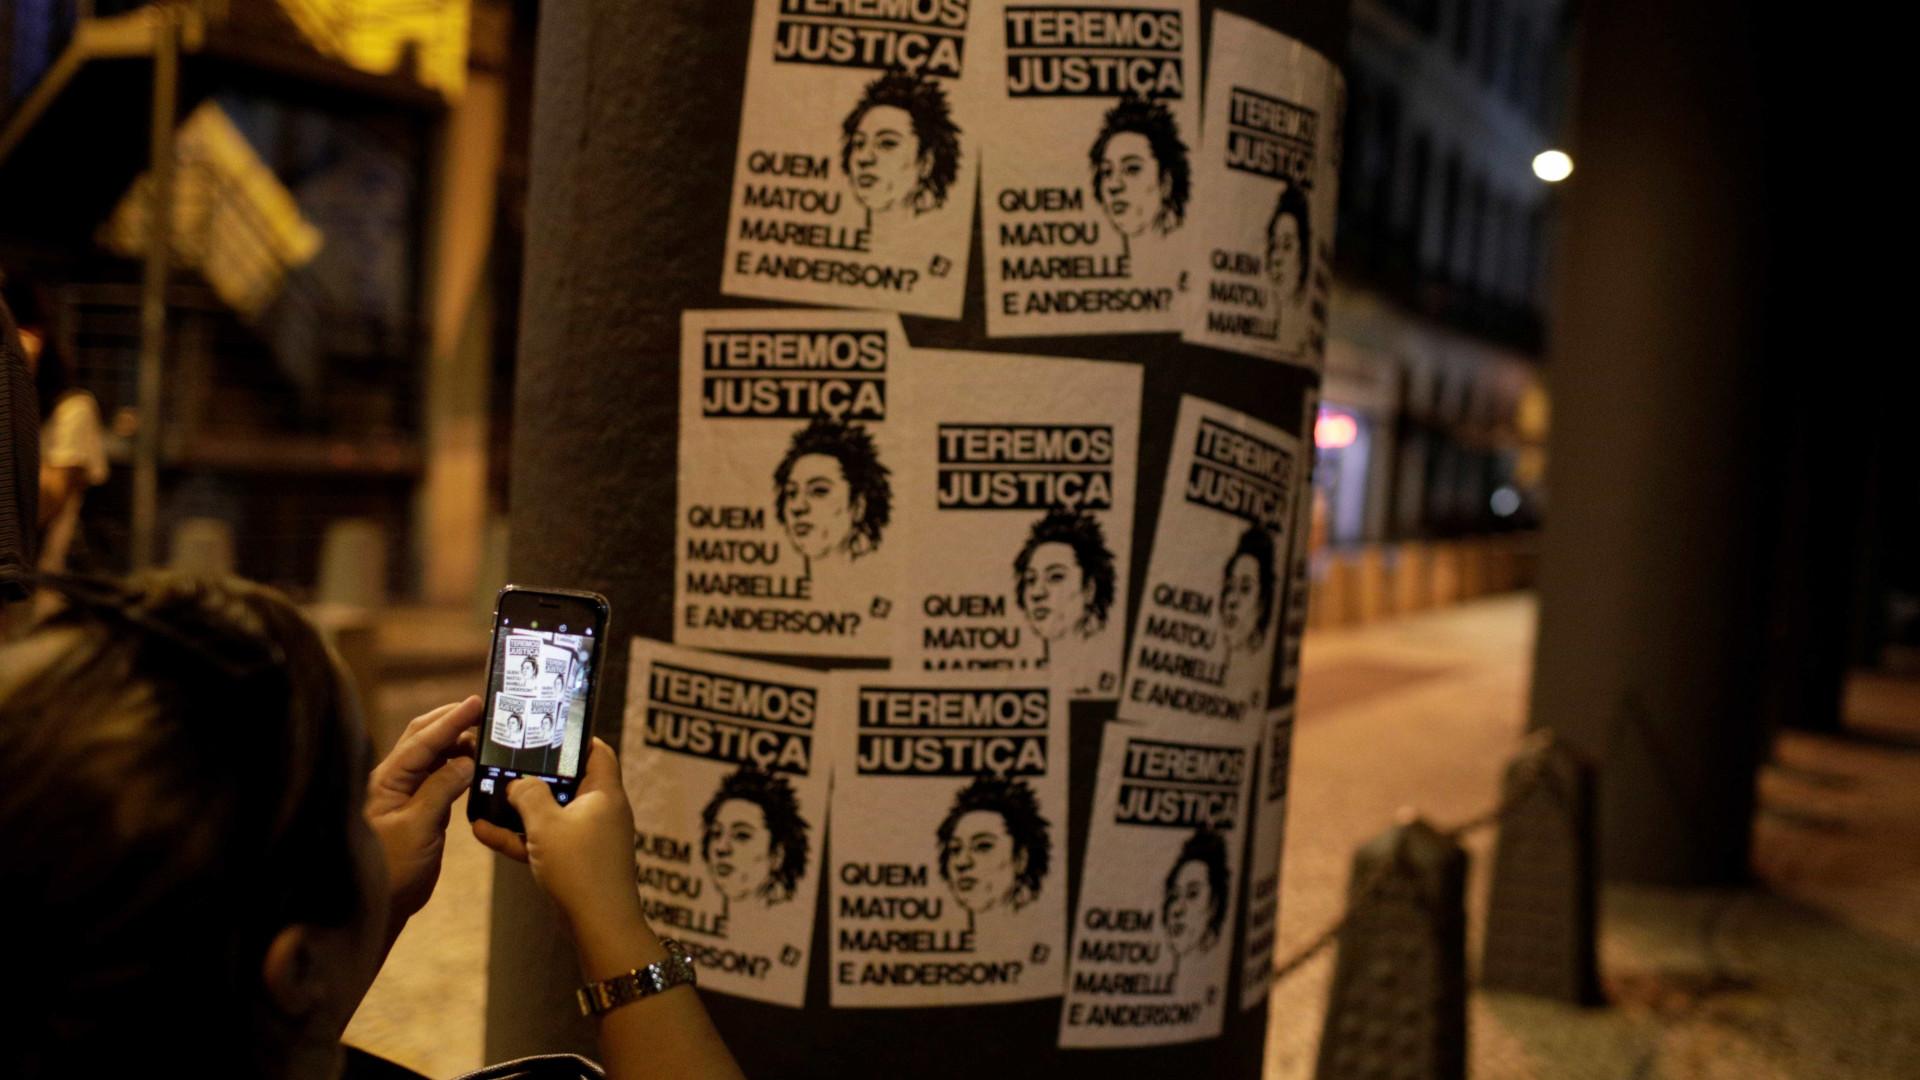 Polícia vai investigar quem divulgou vídeos com ofensas a Marielle